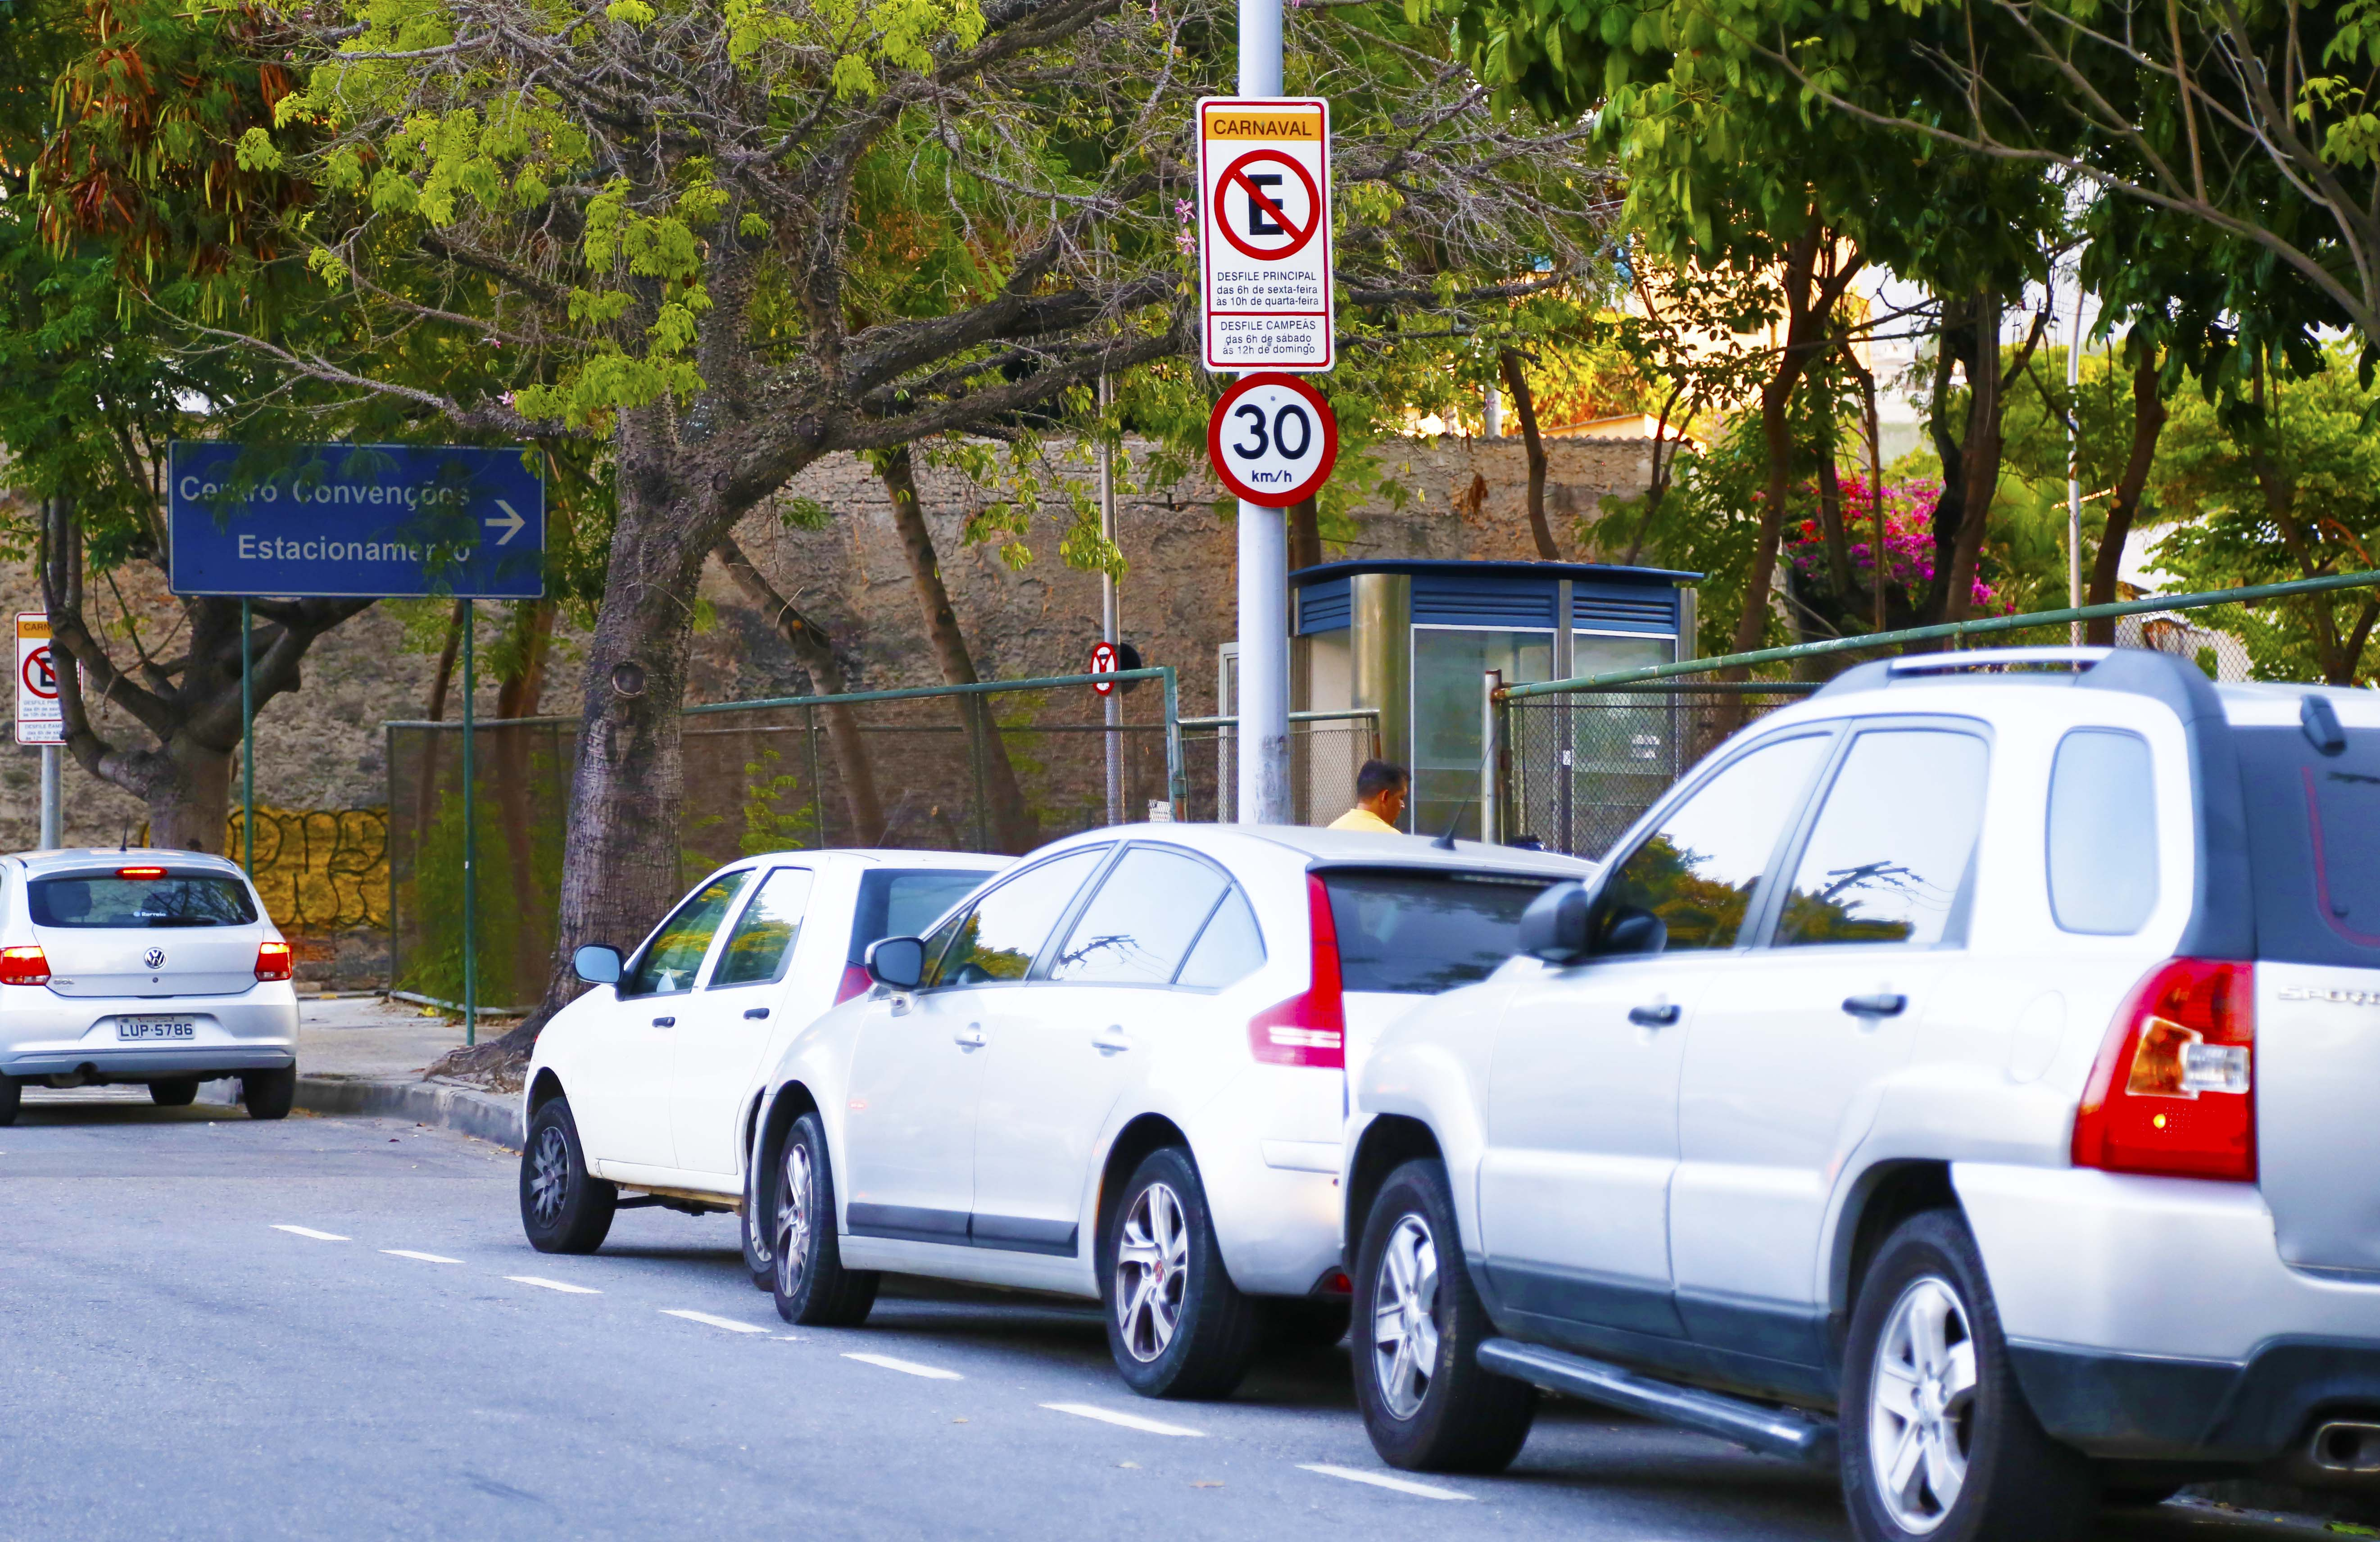 Carnaval 2017: estacionamento irregular começa nesta sexta, 24, e vai até terça, 27